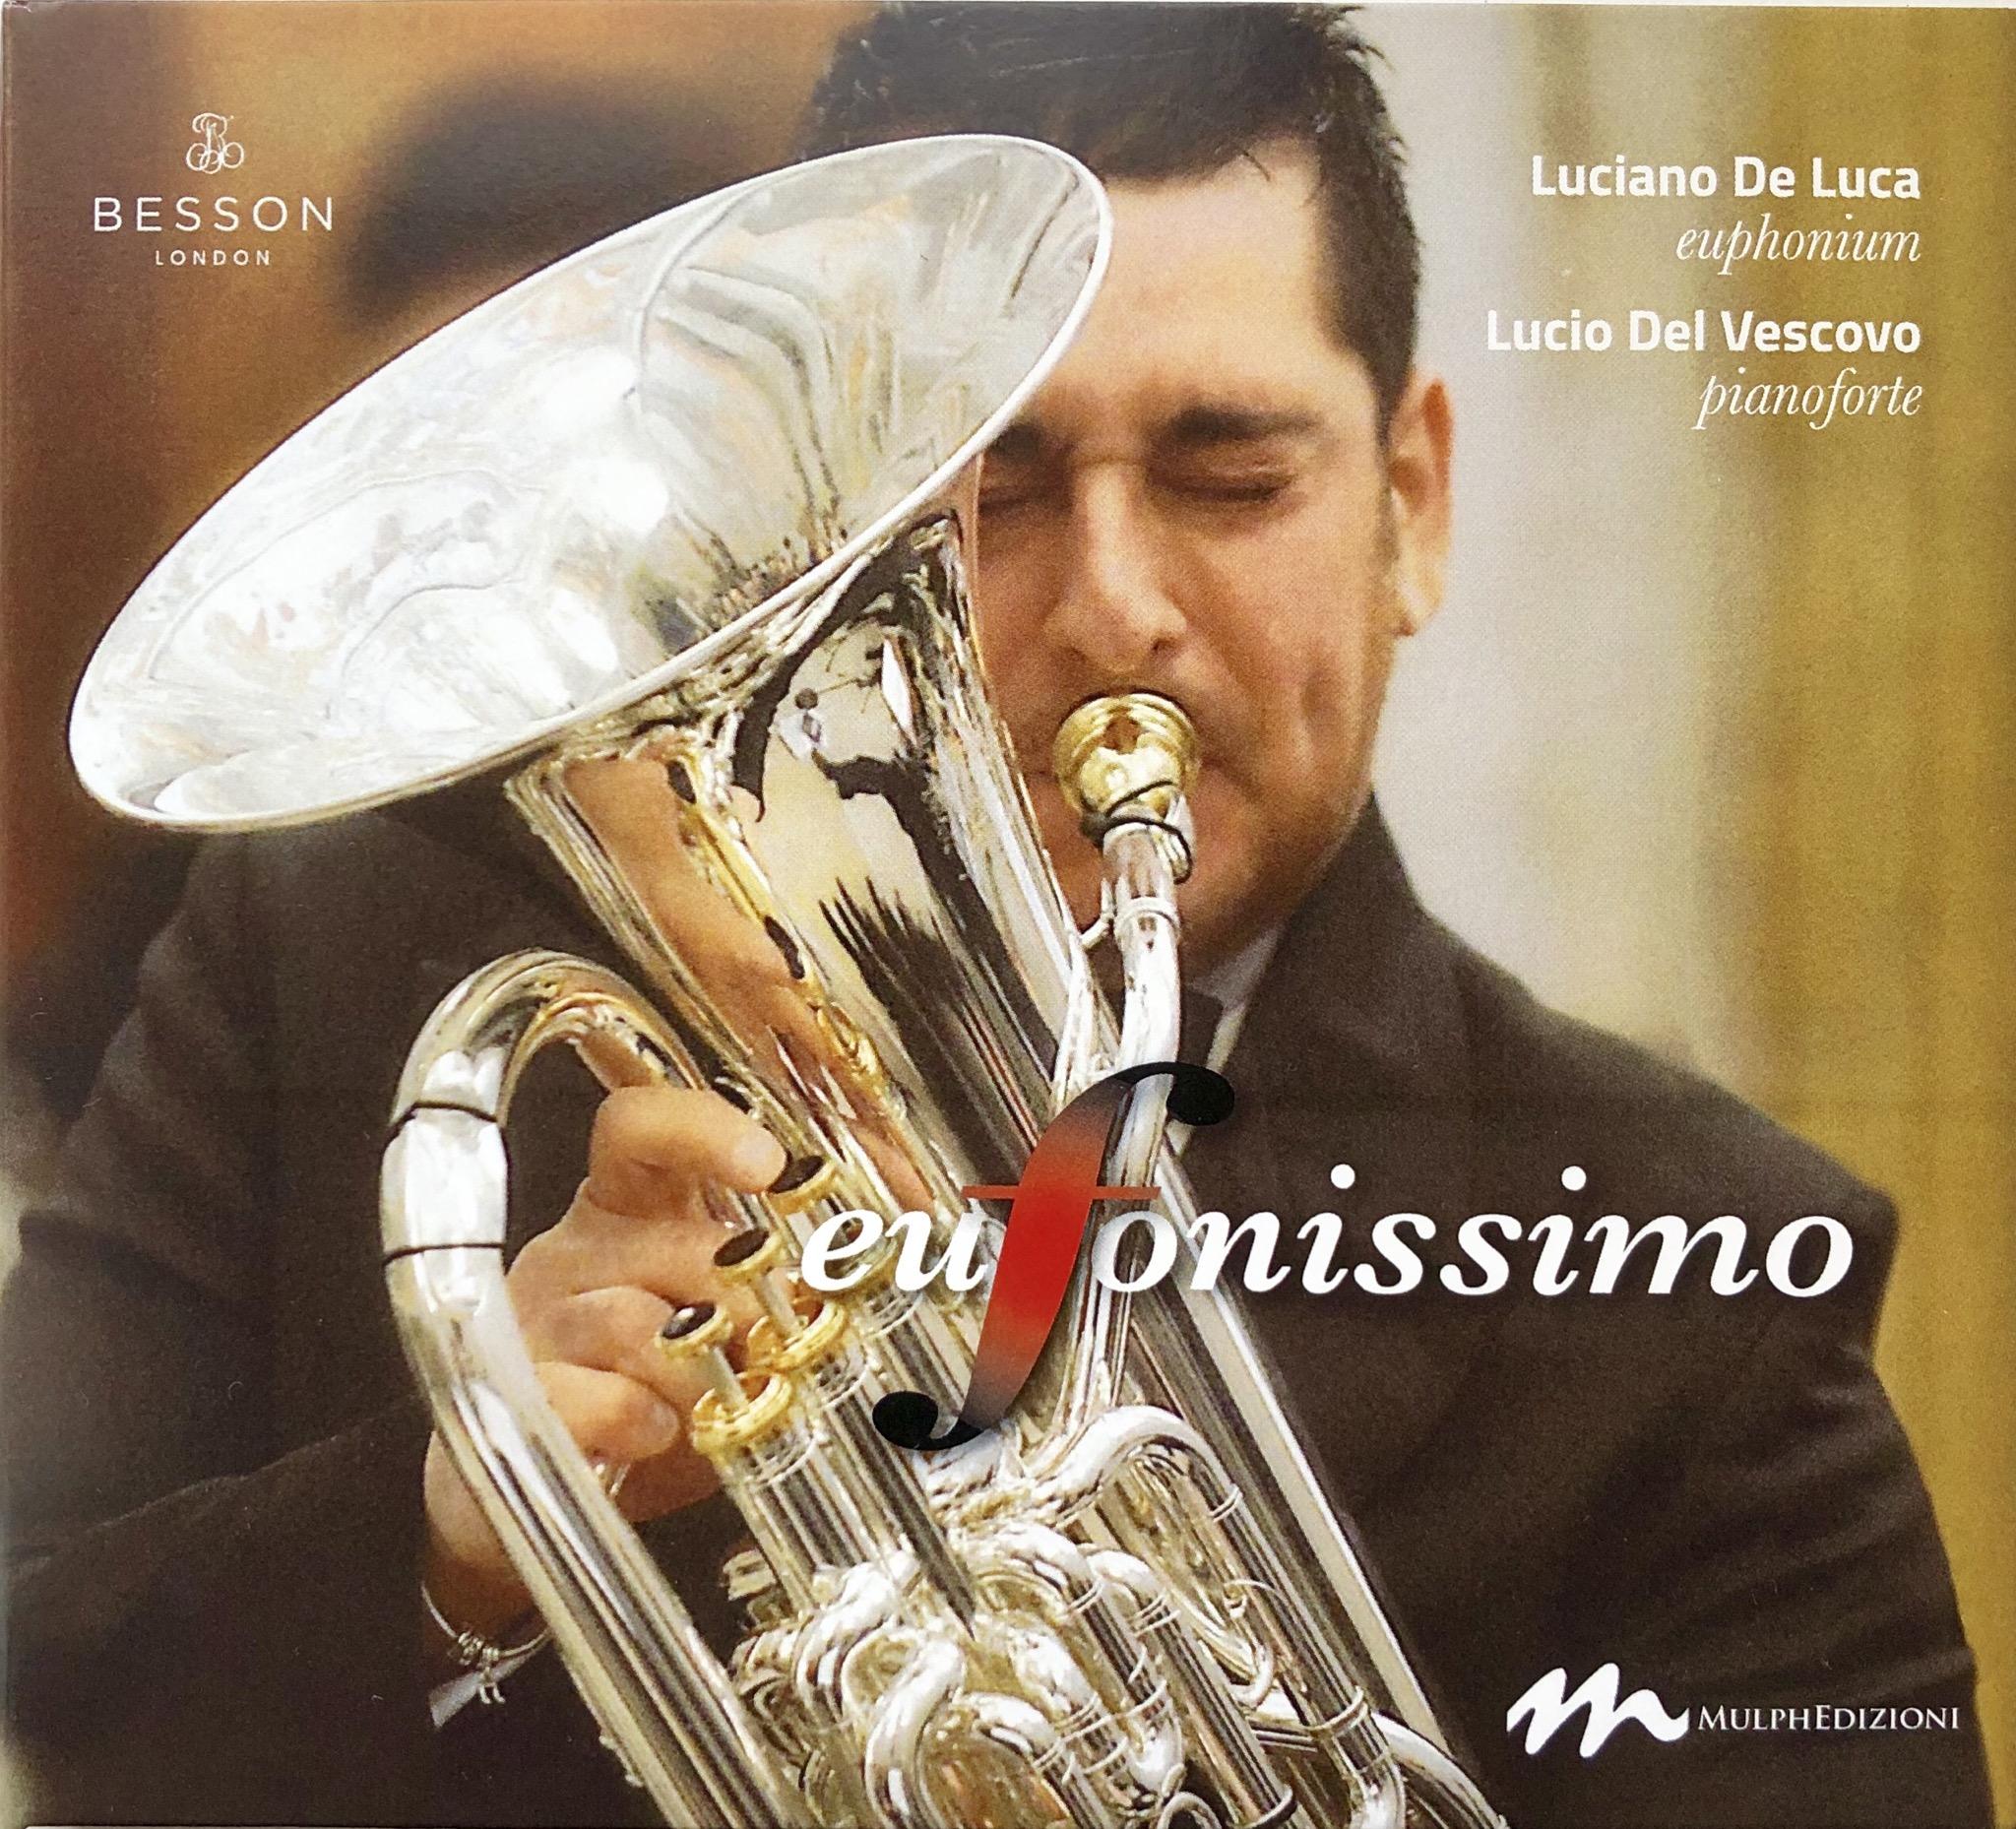 CD - Eufonissimo - Luciano De Luca (euph) with Lucio Del Vescovo piano)